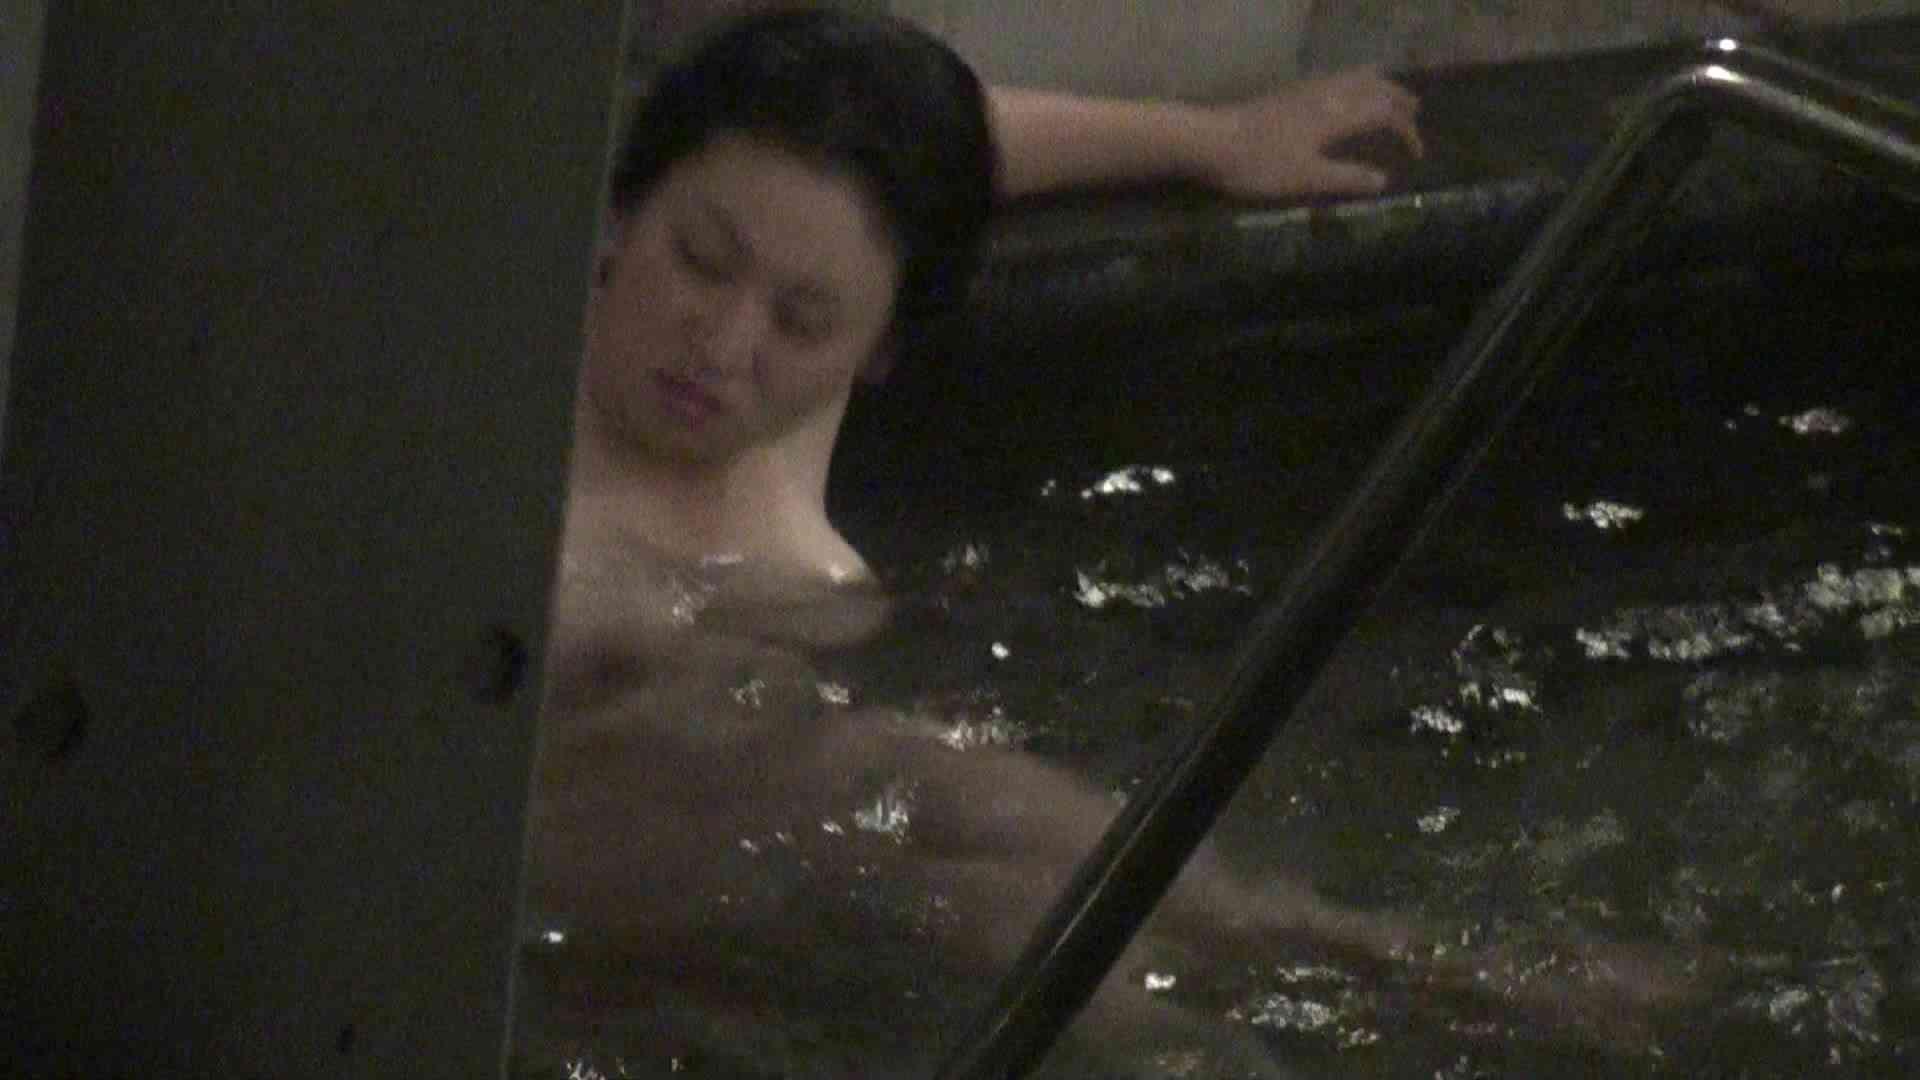 Aquaな露天風呂Vol.338 エッチな盗撮 エロ画像 101pic 38